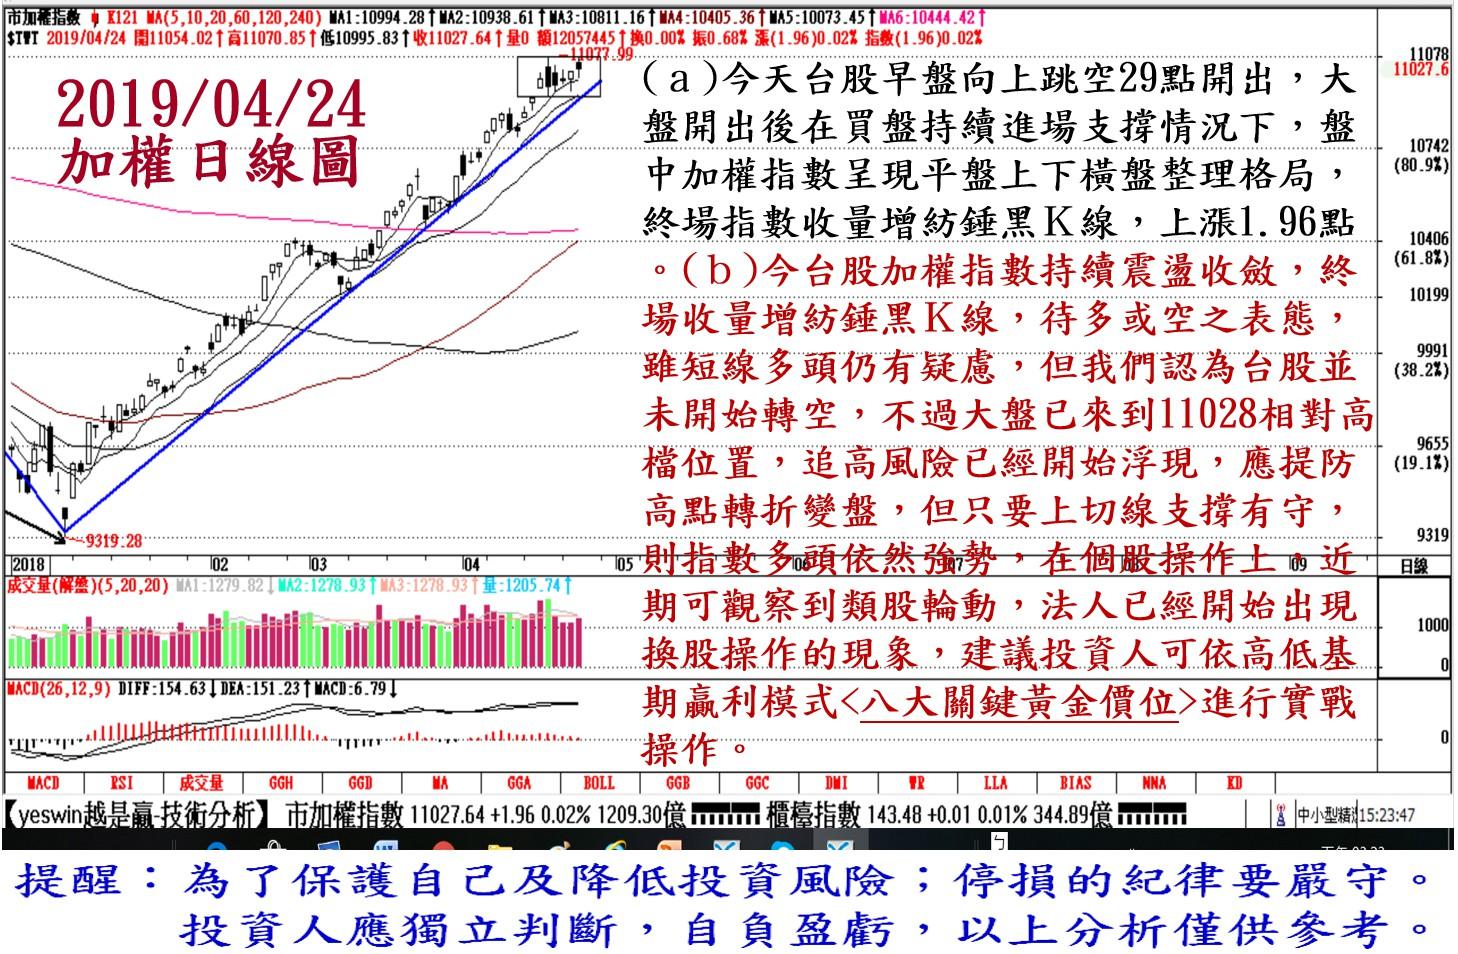 2019年4月24日台股大盤解析